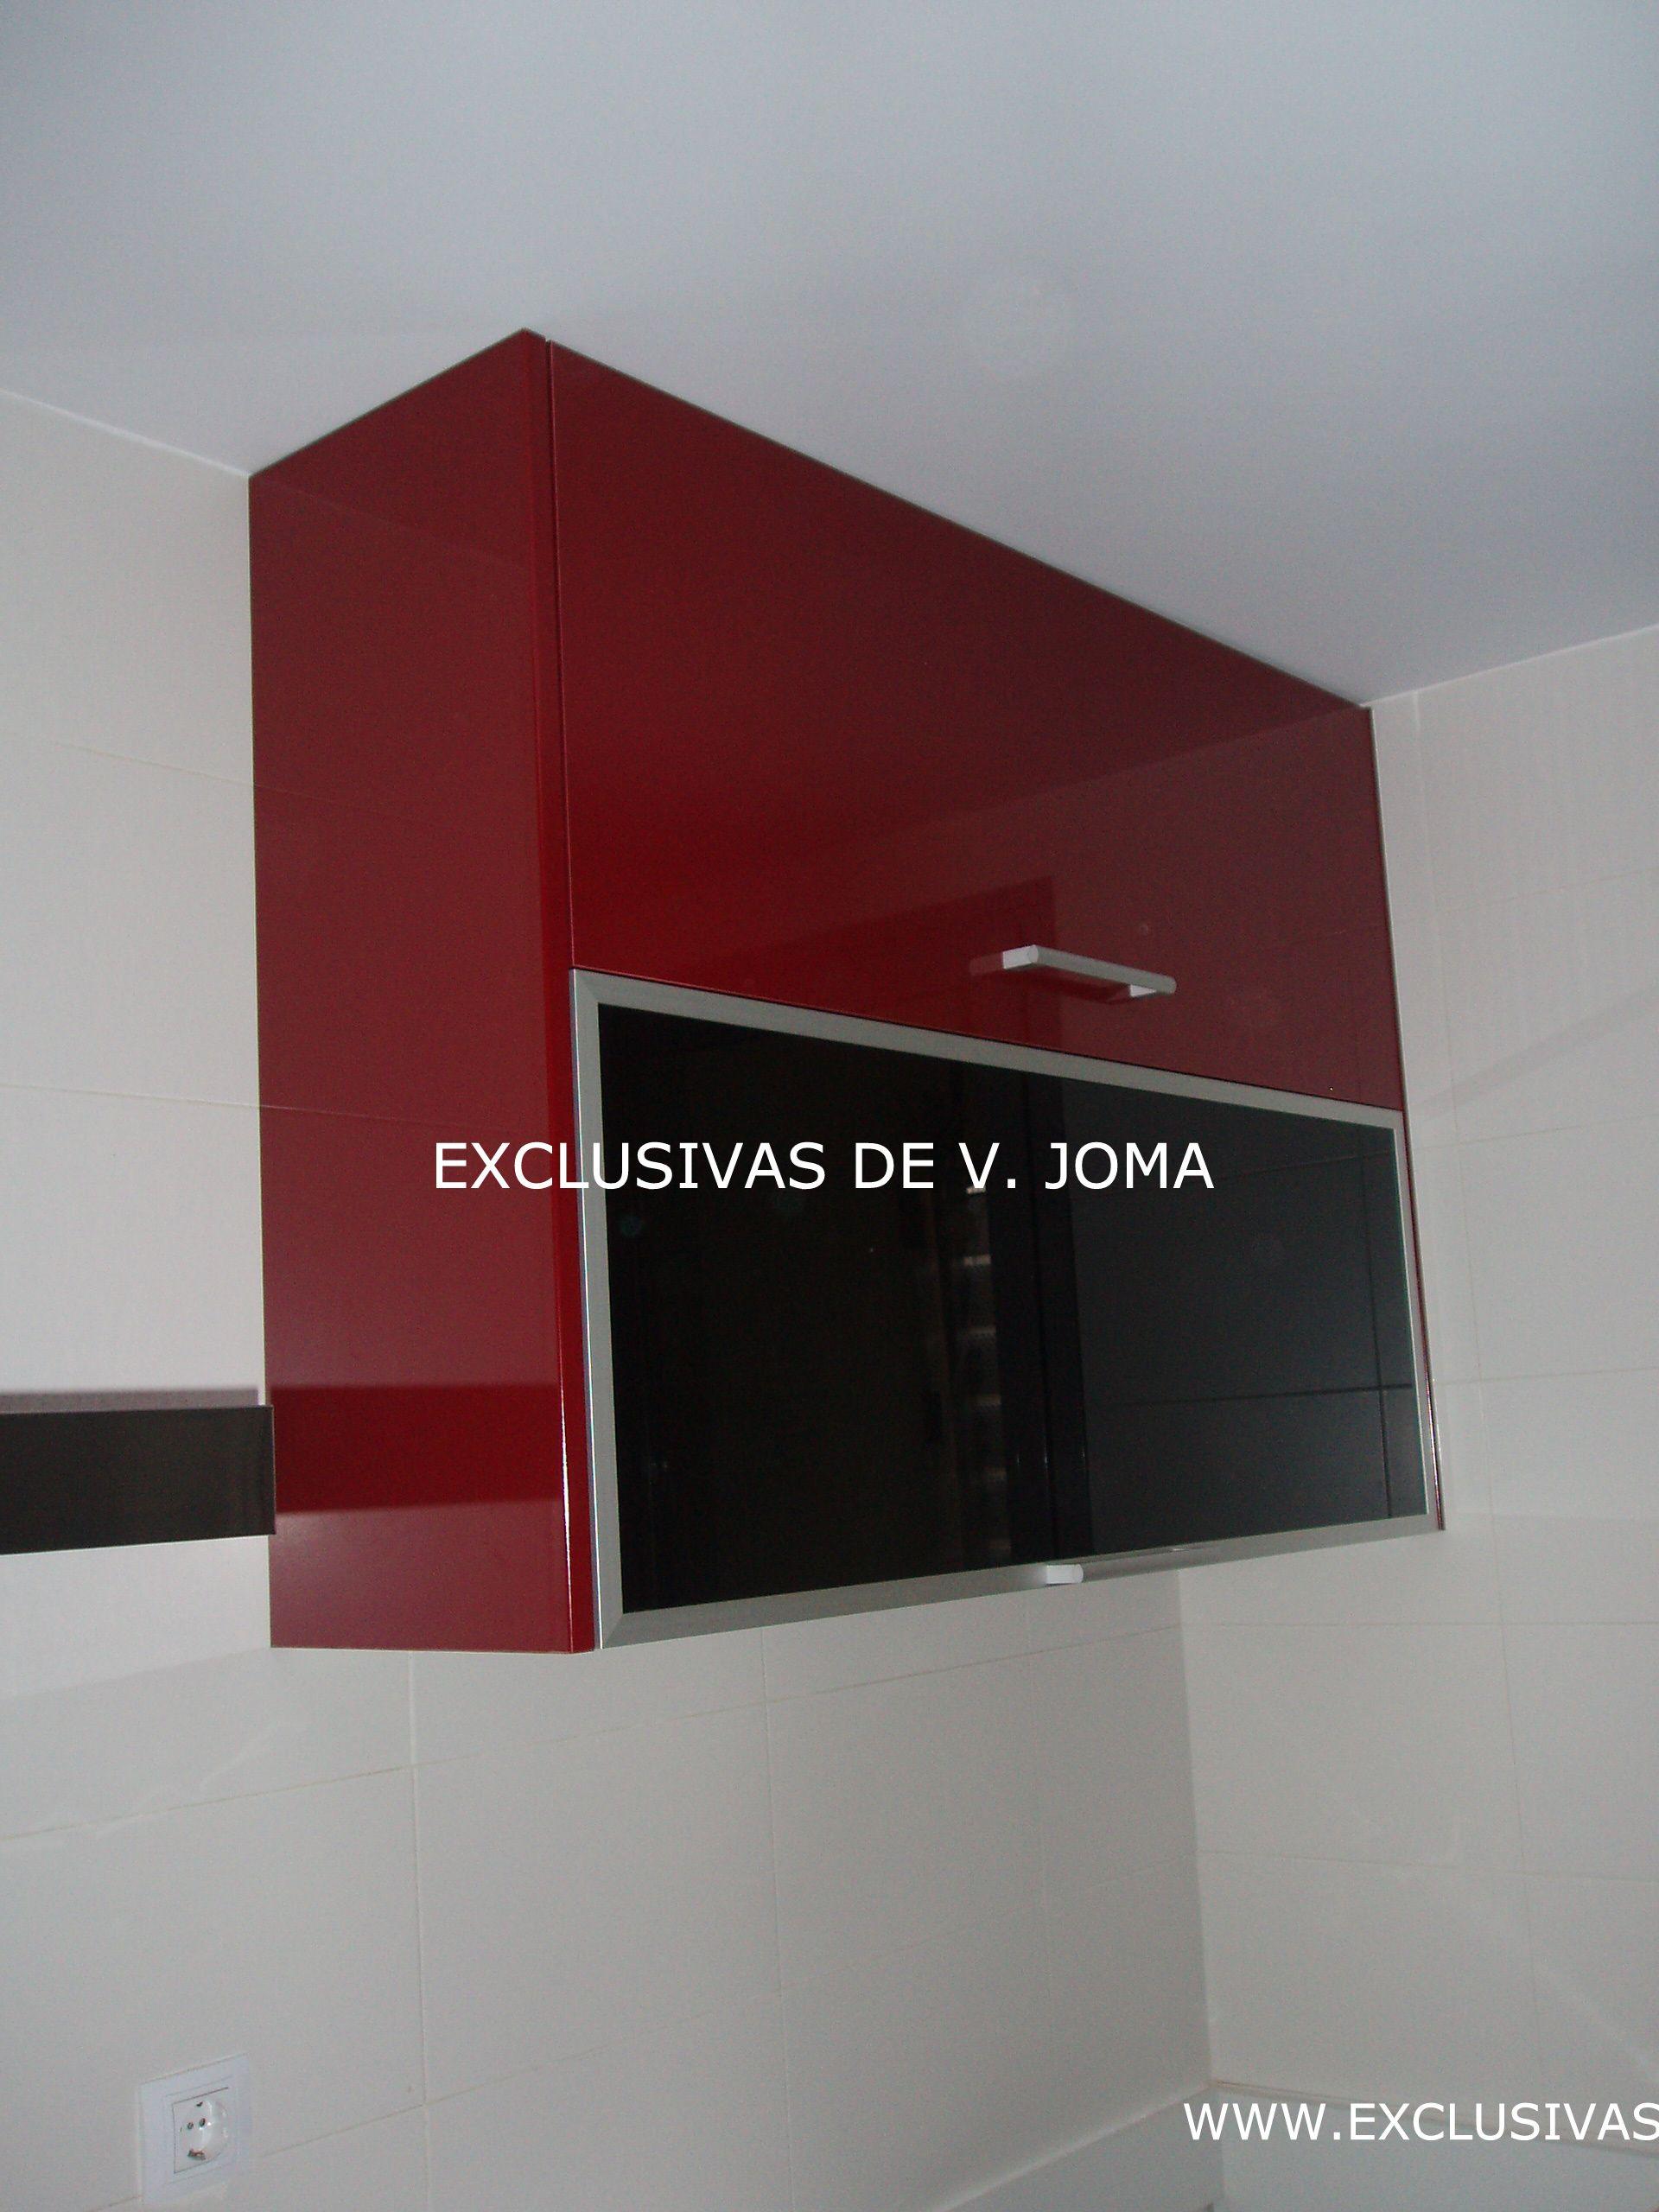 Muebles de cocina en formica alto brillo en color granate for Muebles de cocina y encimeras